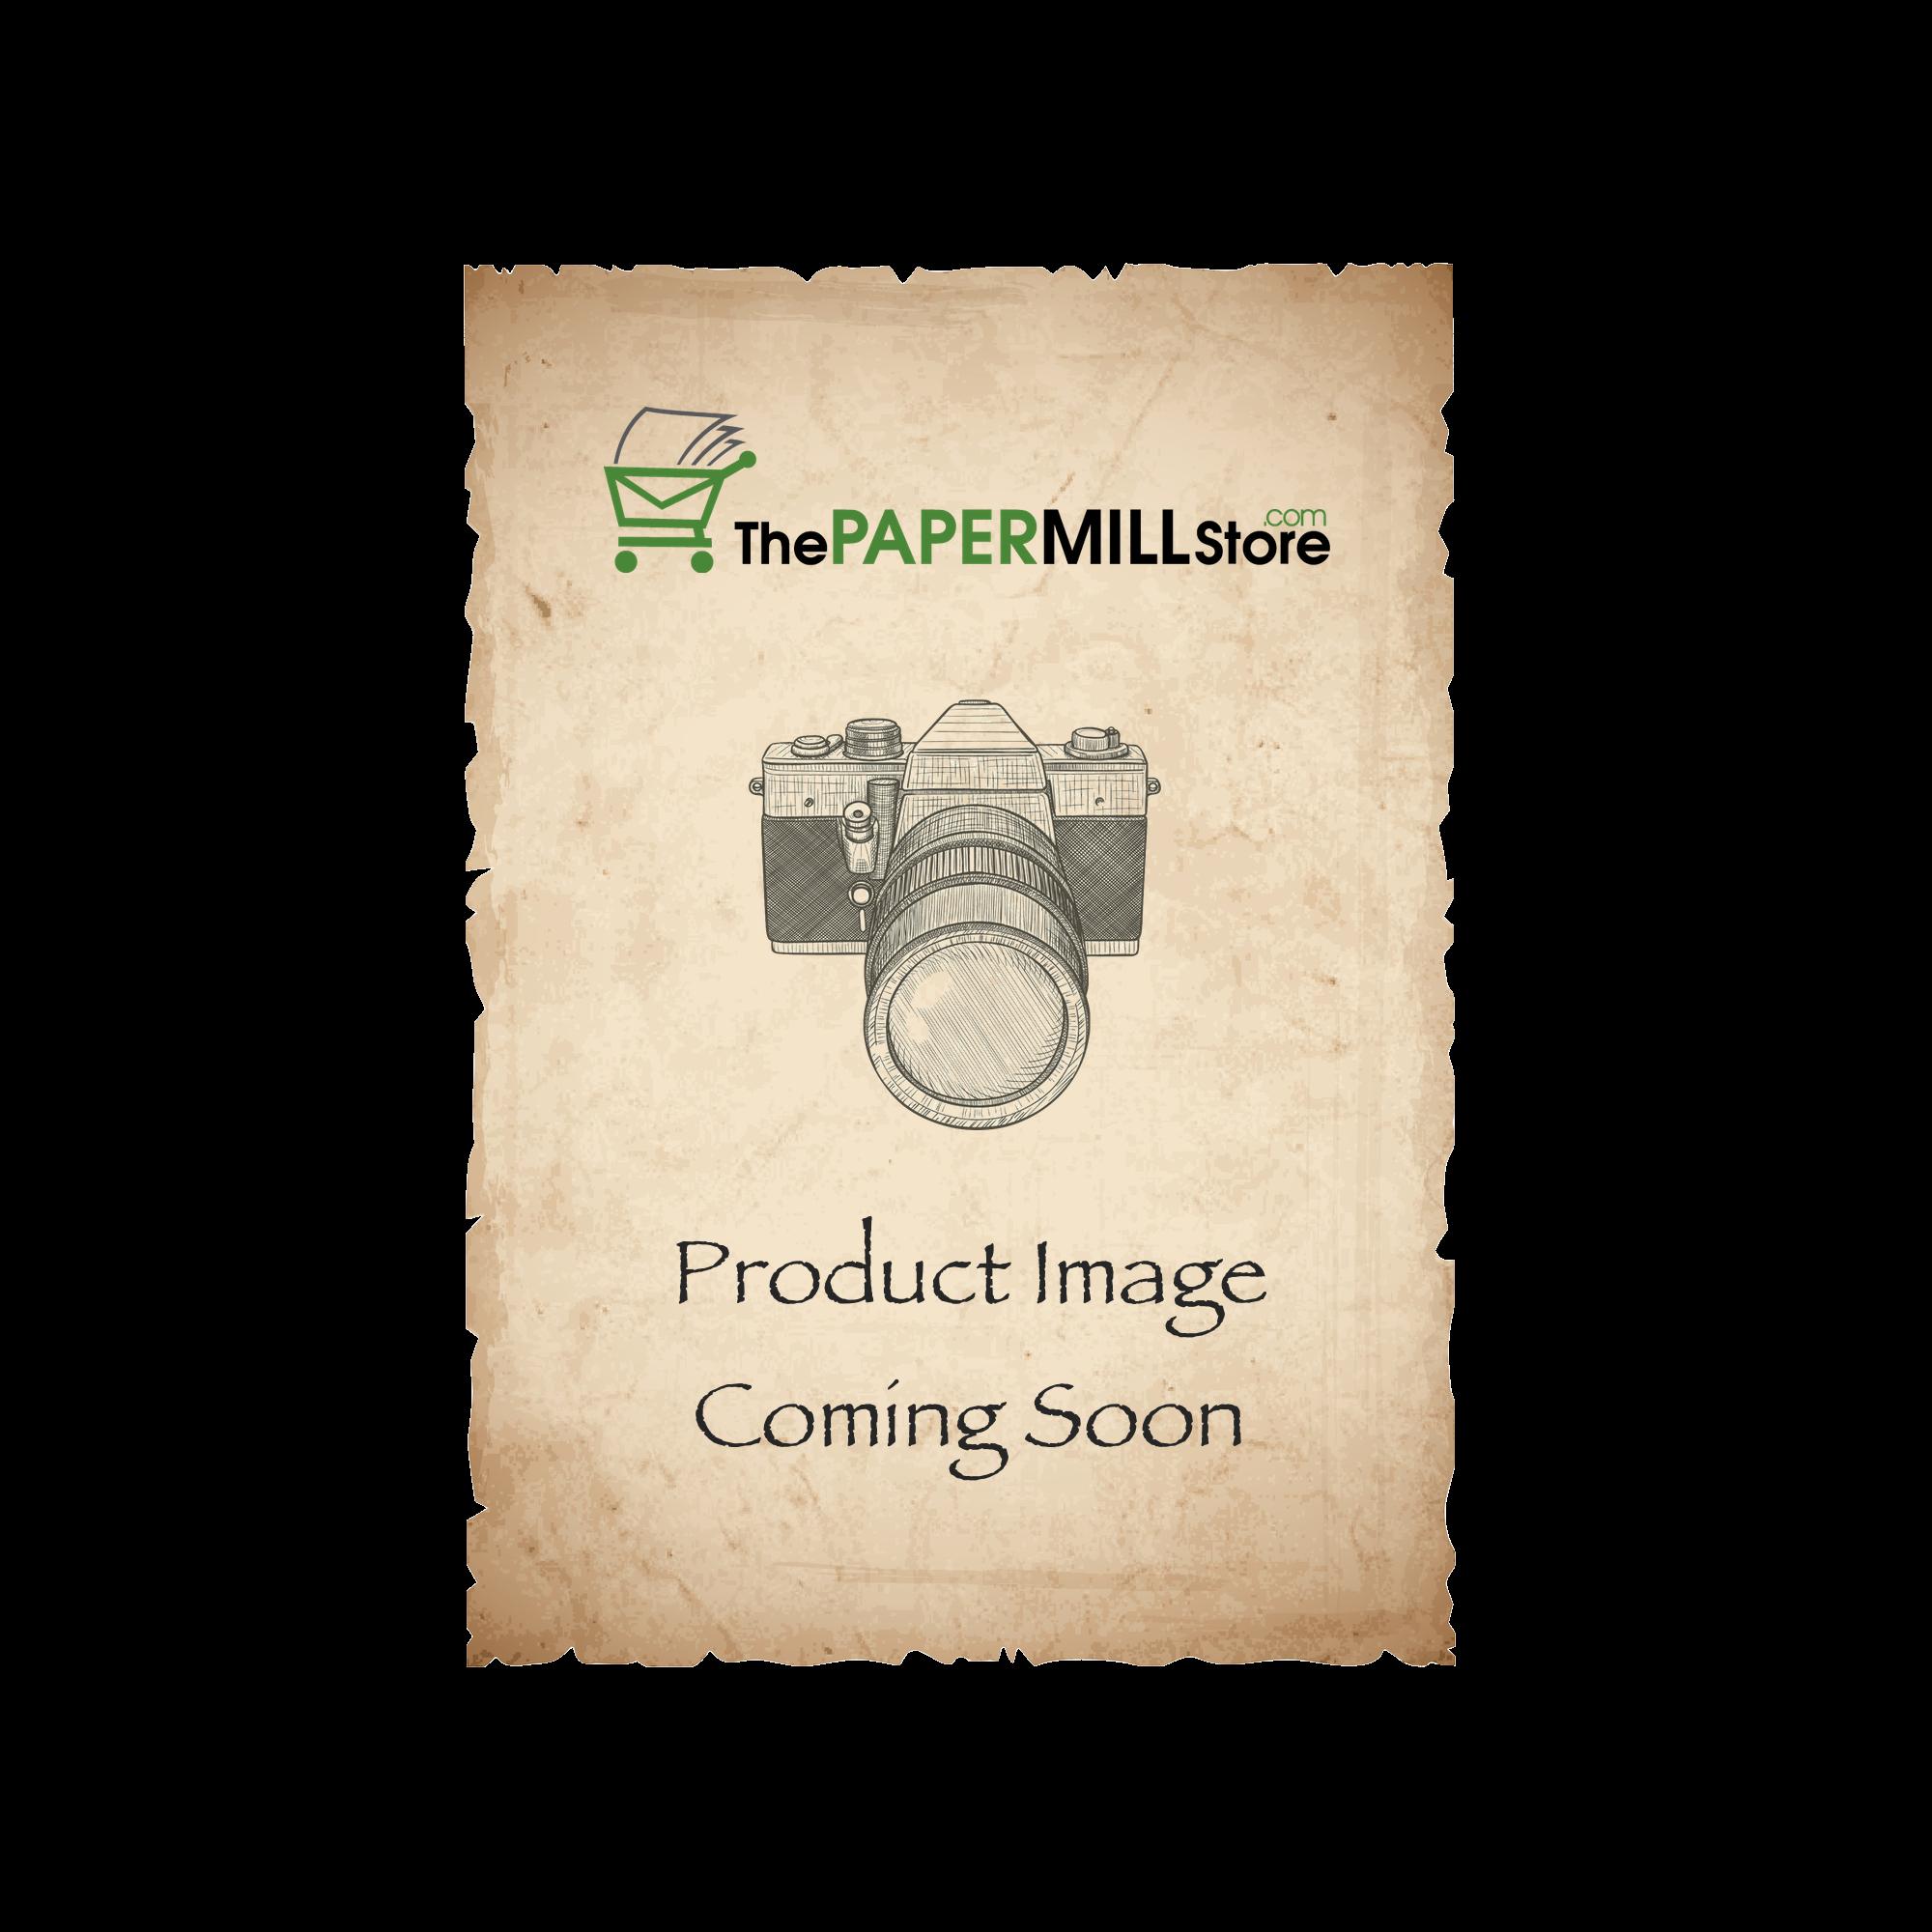 Ultrafelt Dove Gray Envelopes - No. 10 Commercial (4 1/8 x 9 1/2) 80 lb Text Premium Felt  30% Recycled 2500 per Carton